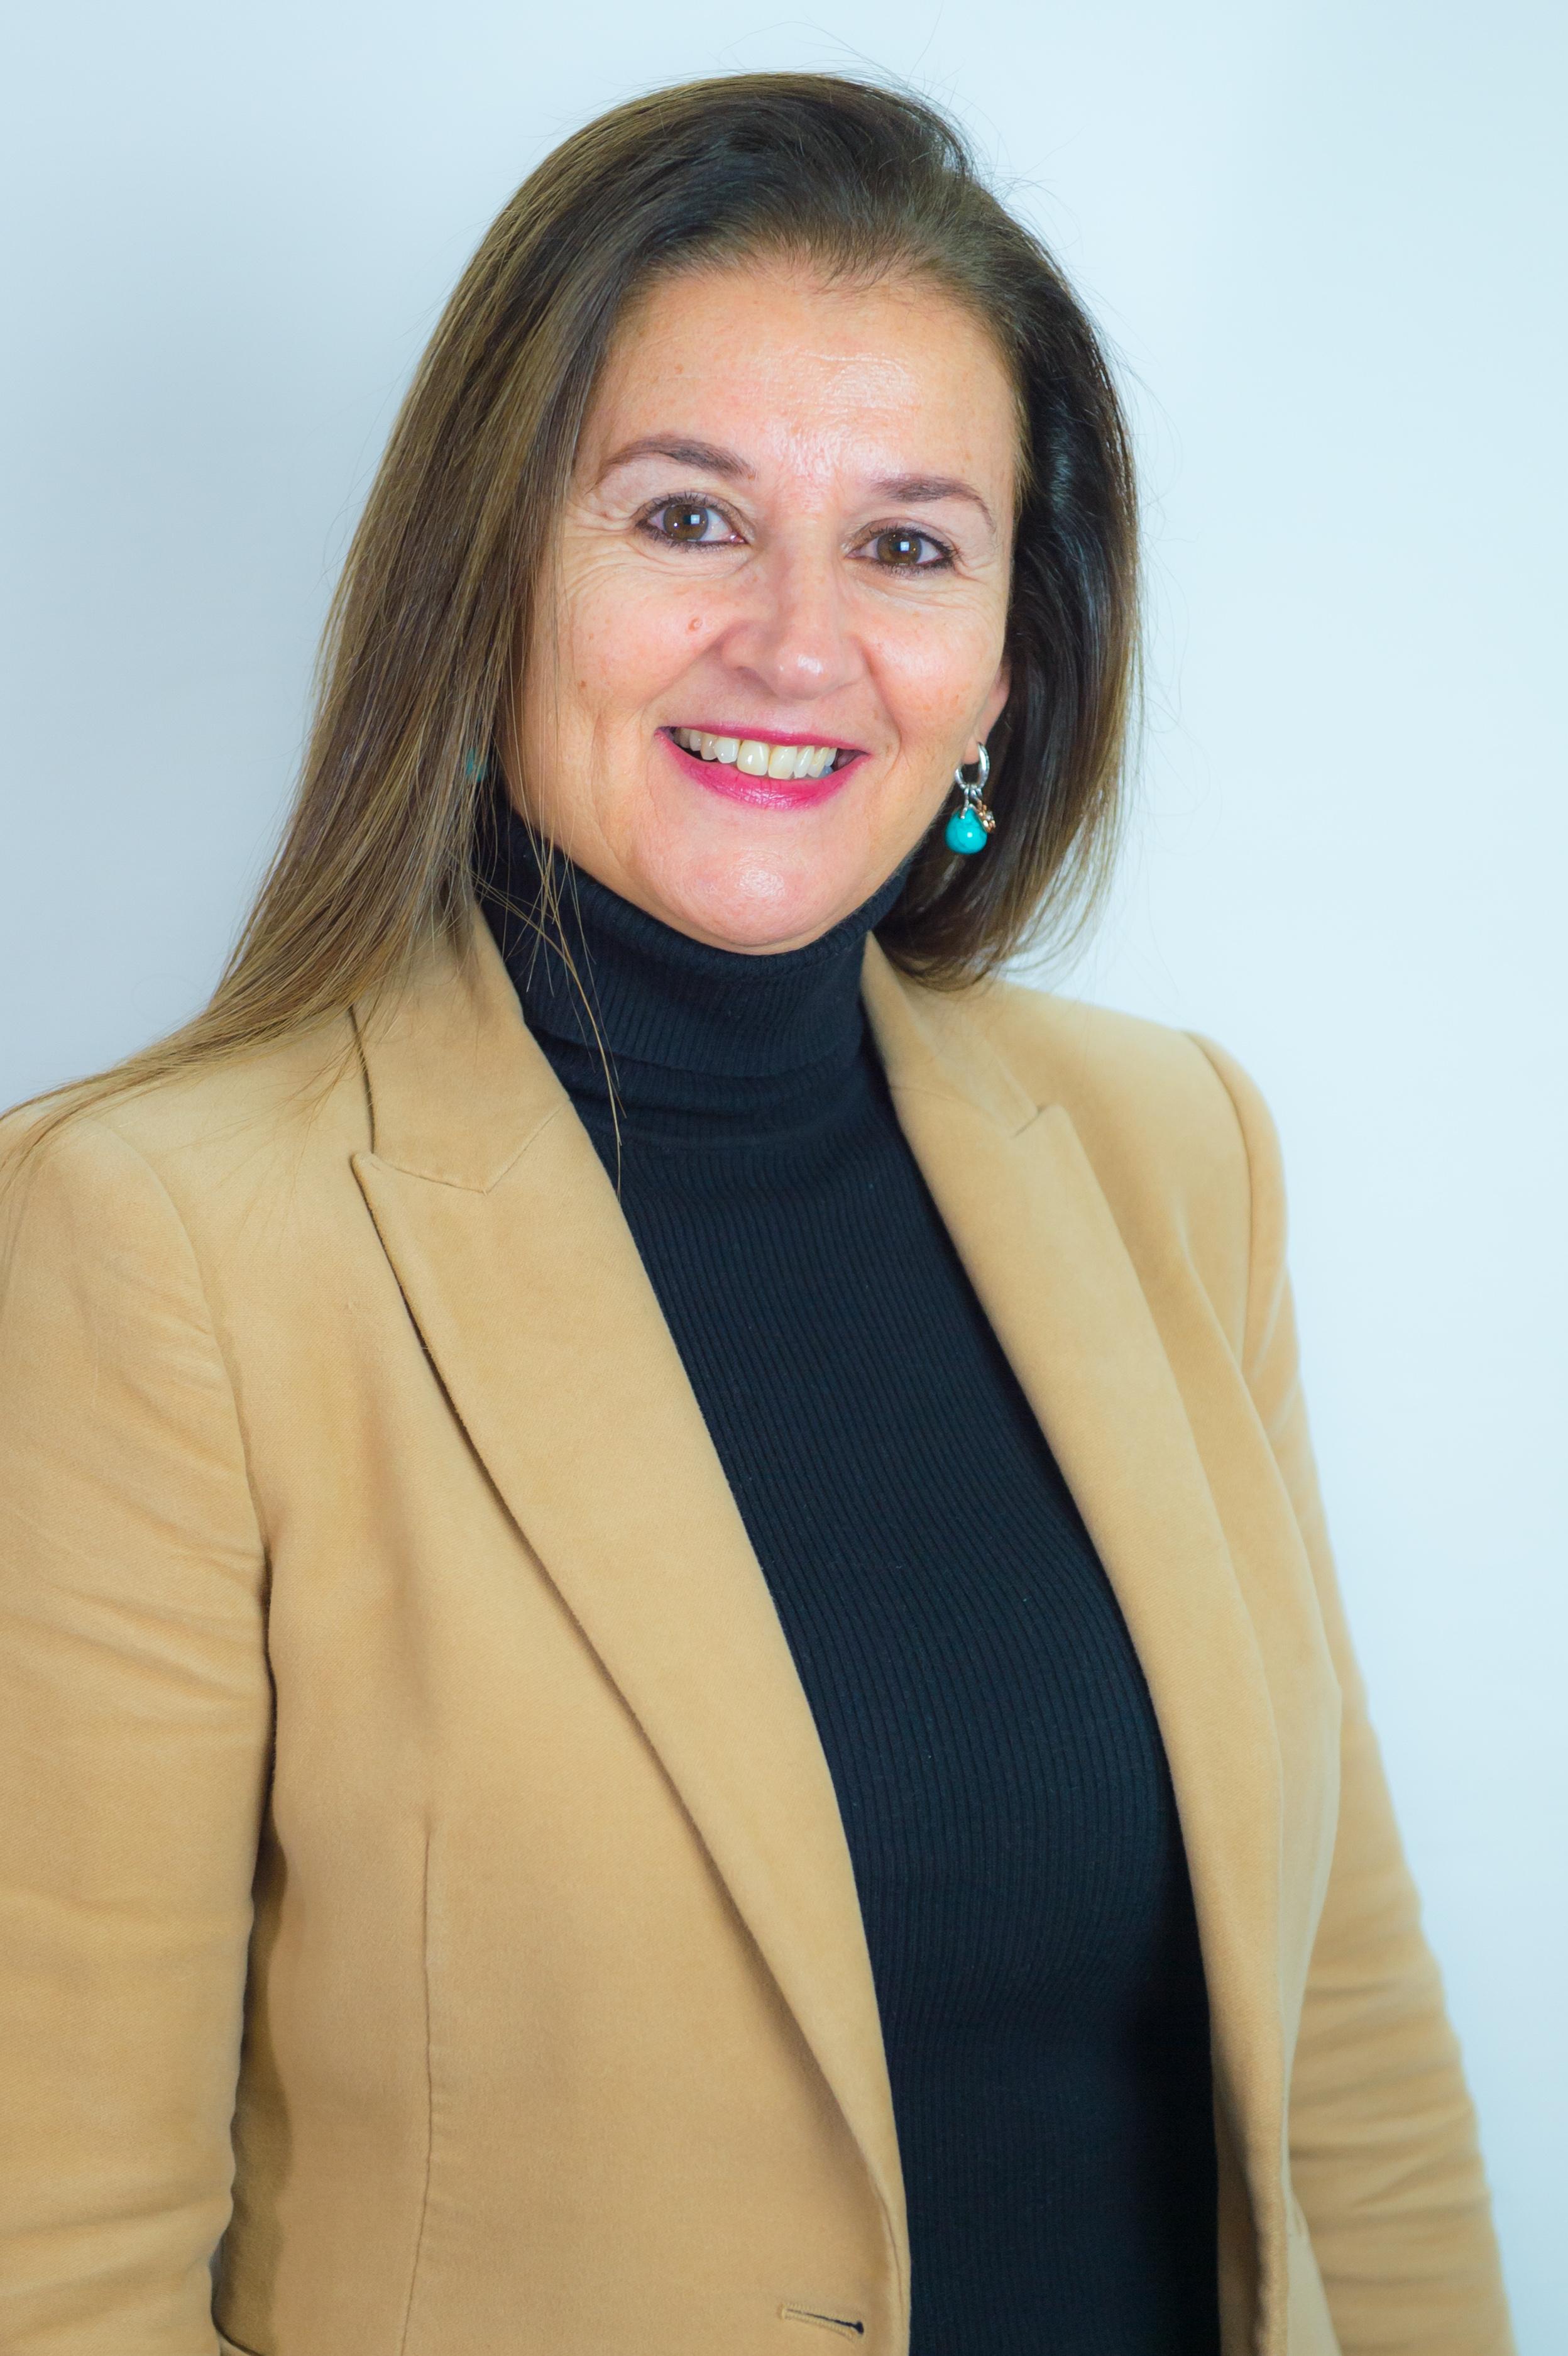 Theresa Galea